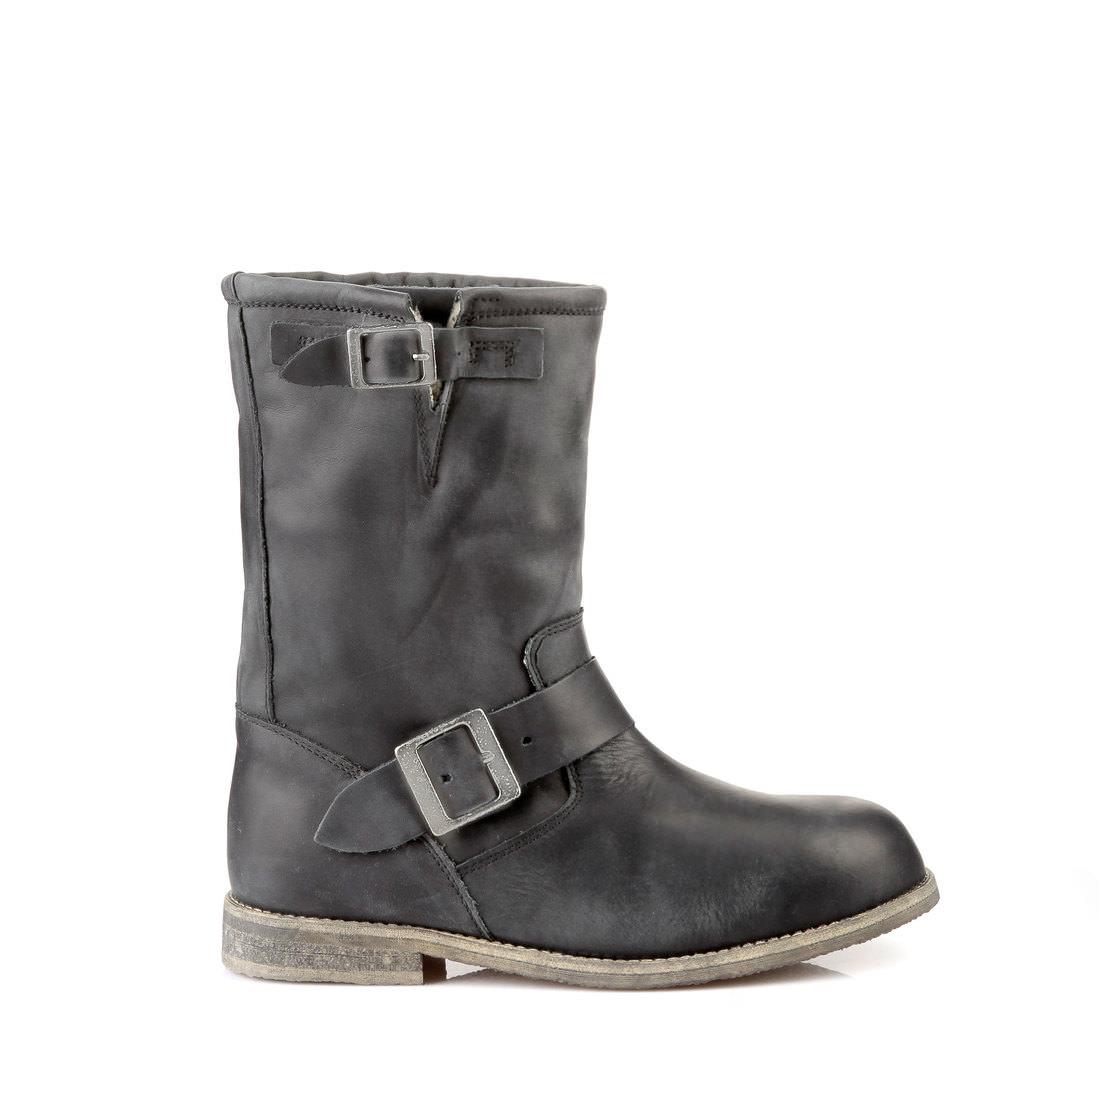 f74f495937eab Lined Buffalo biker boots in black buy online in BUFFALO Online-Shop ...